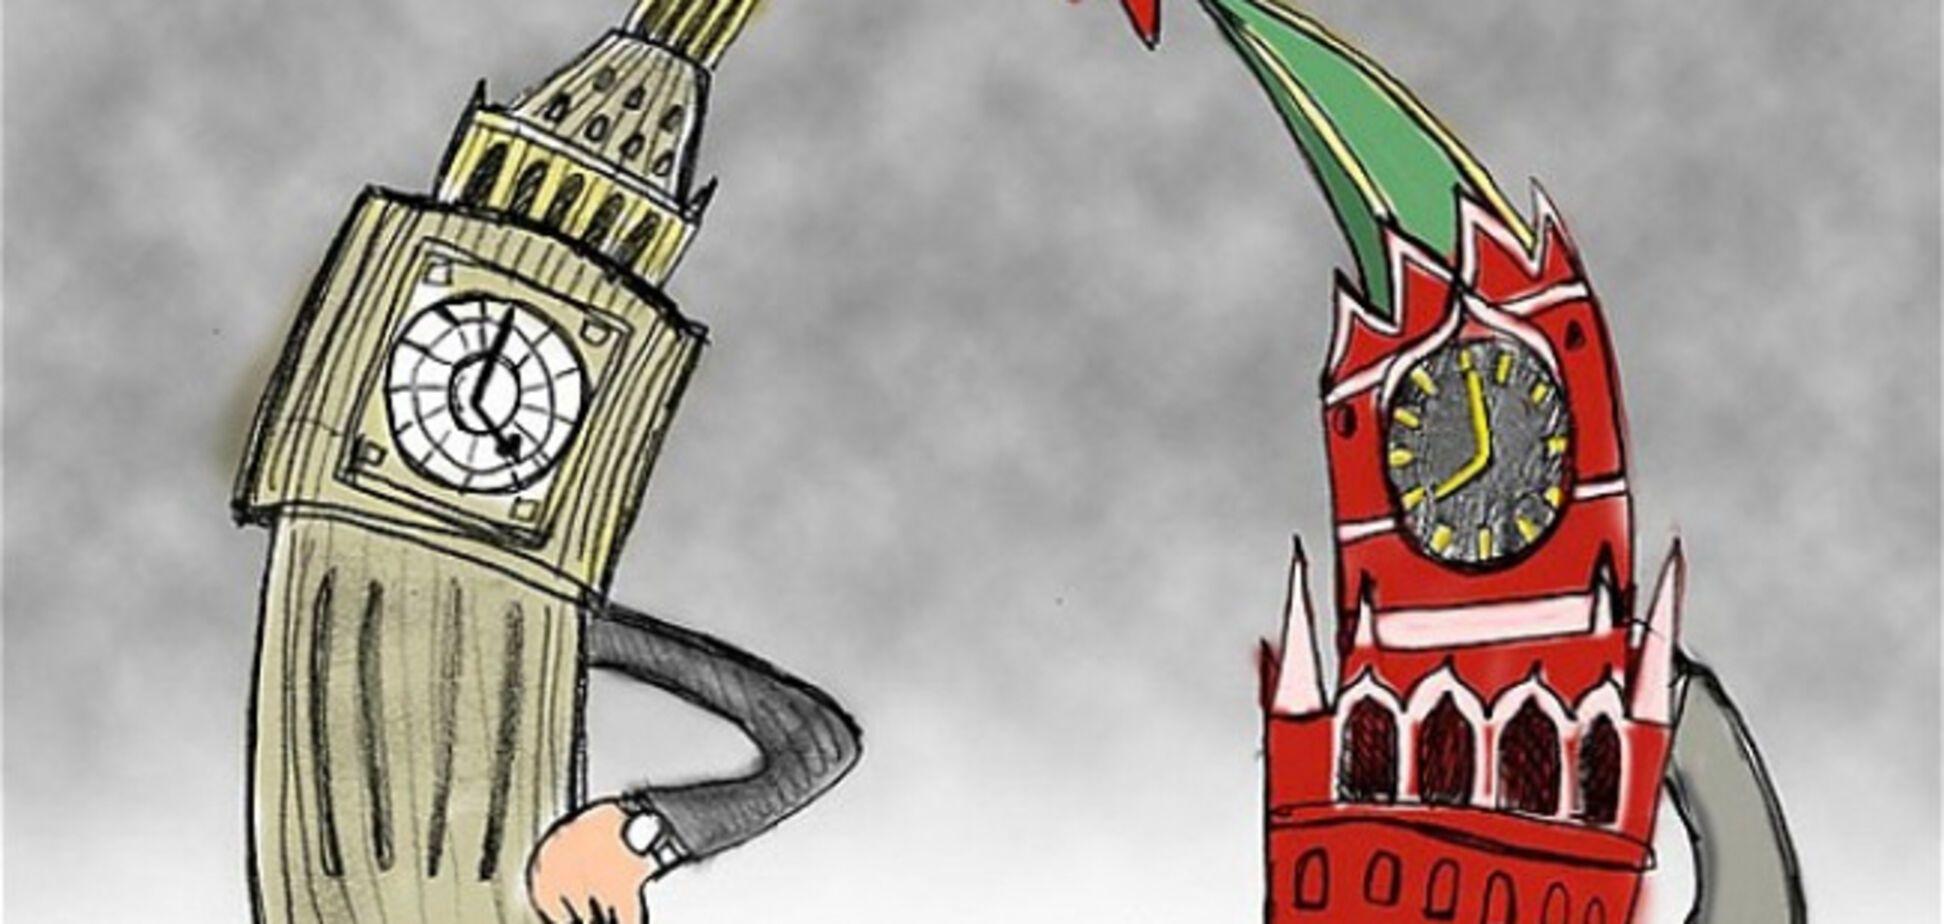 Жарти скінчилися: як Росія примудрилася розізлити Британію